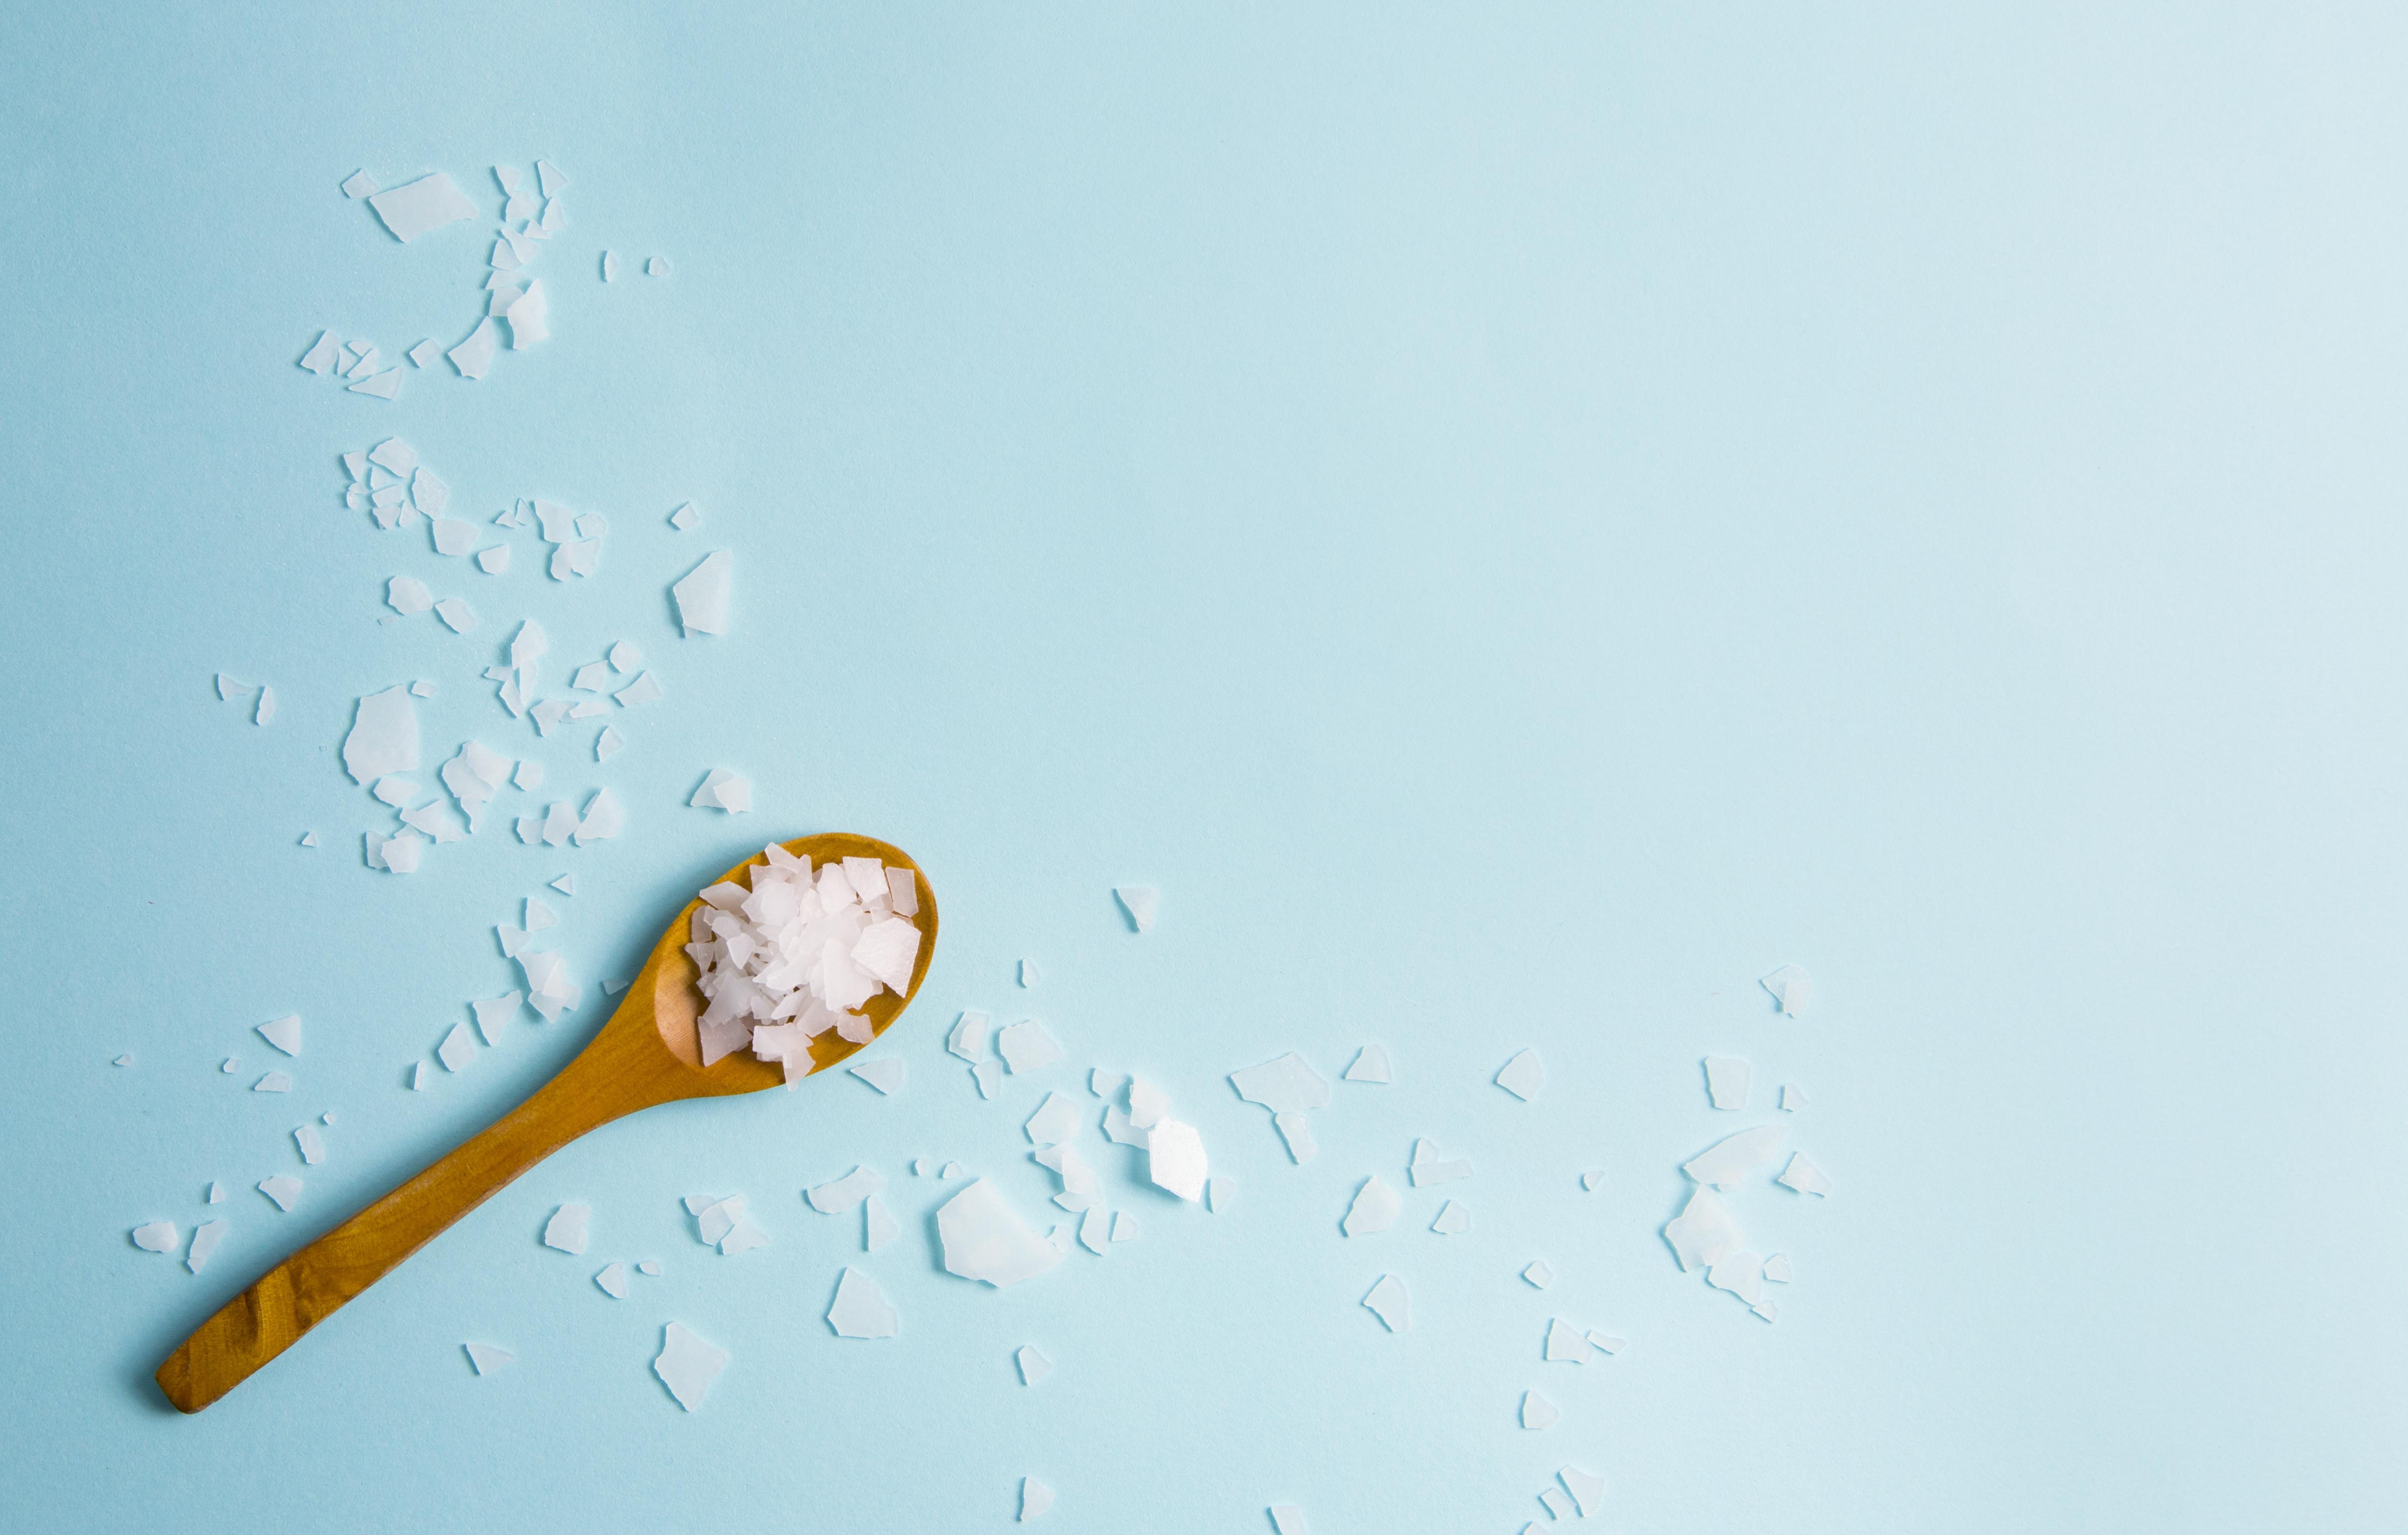 Le sel à faible teneur en sodium permet de réduire le risque d'accident vasculaire cérébral  (Visuel Adobe Stock 240785579)